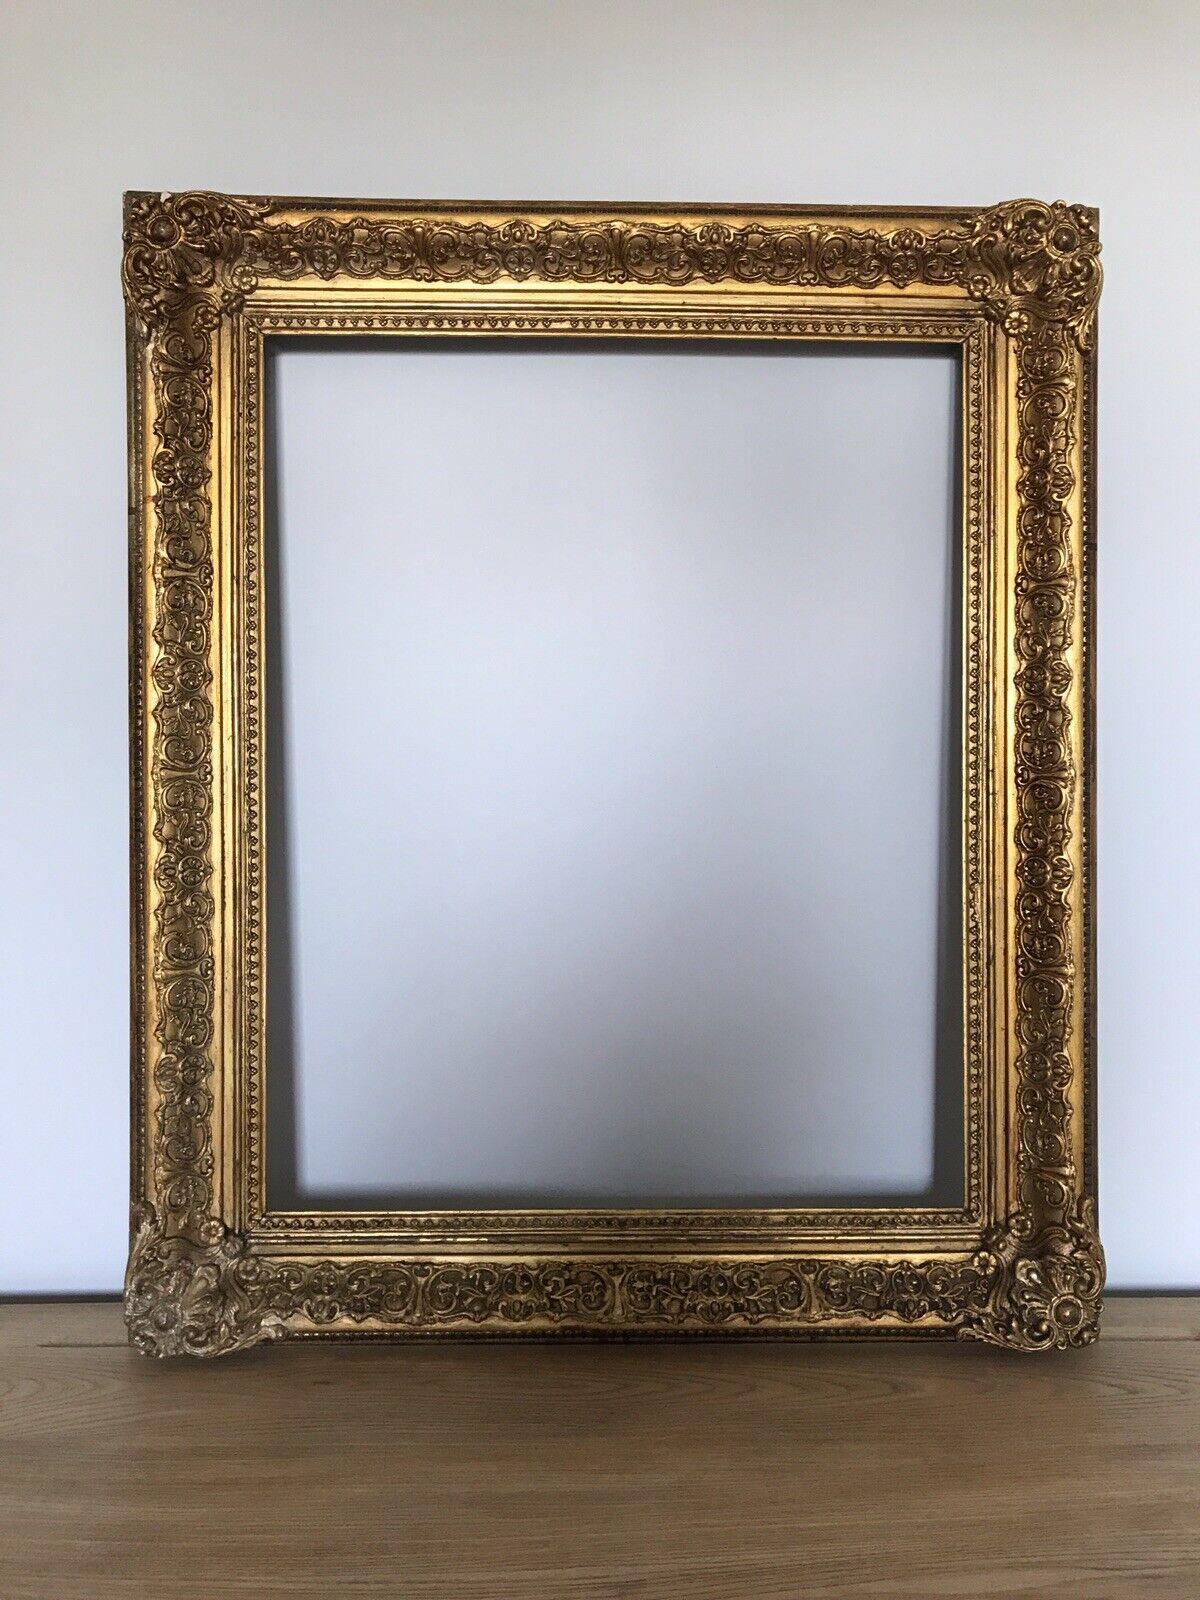 Antique Gilt Continental Picture Frame 28 0d65533d0d0d0d0d0d0d0d0d0d0d0d0d0d5d3d0d0d0d0d0d0d0d0d0d0d0d0d0d0d0d0d0d0